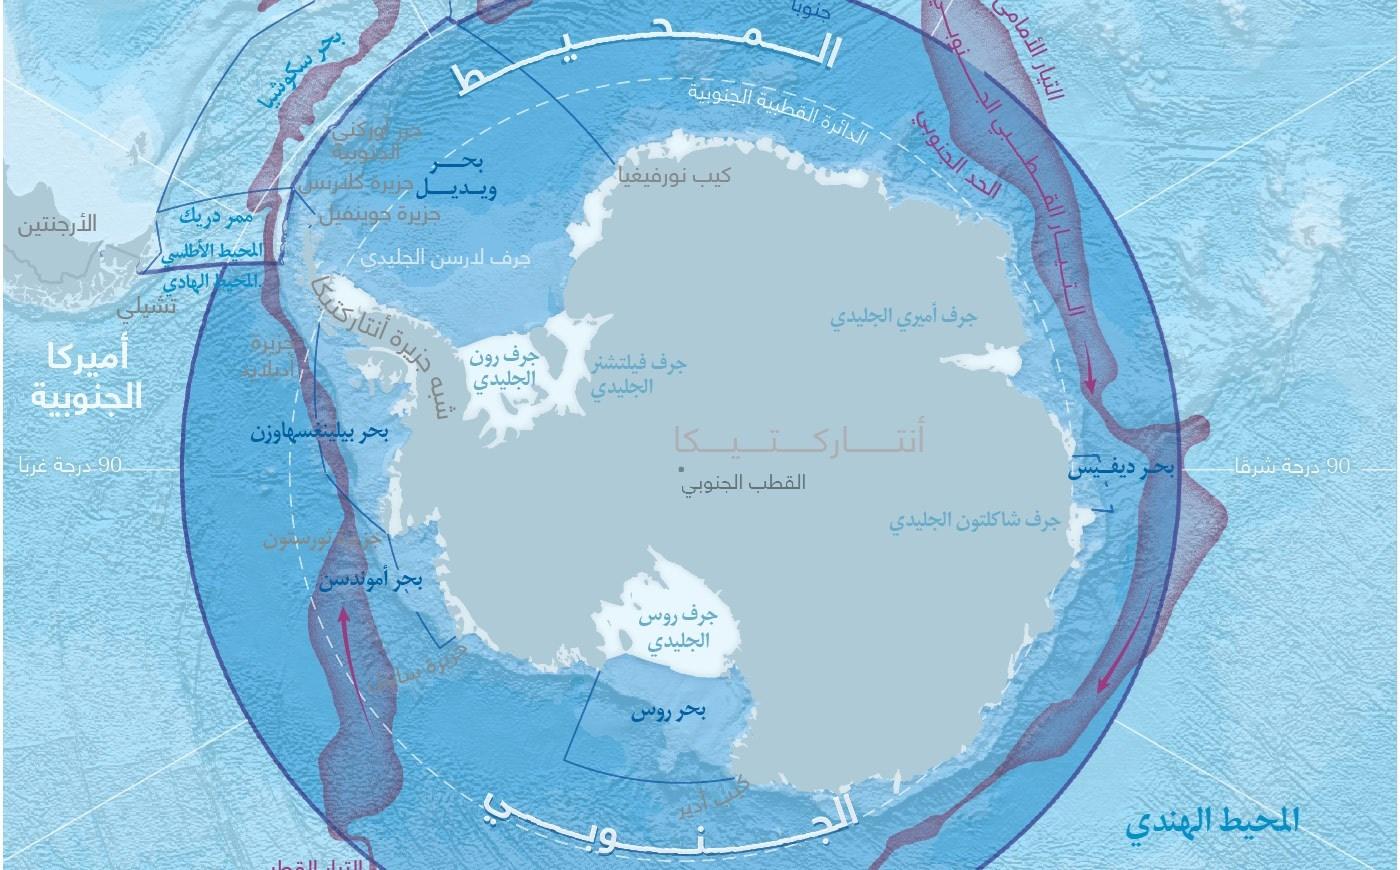 المحيط المتجمد الجنوبي: خامس محيطات الأرض